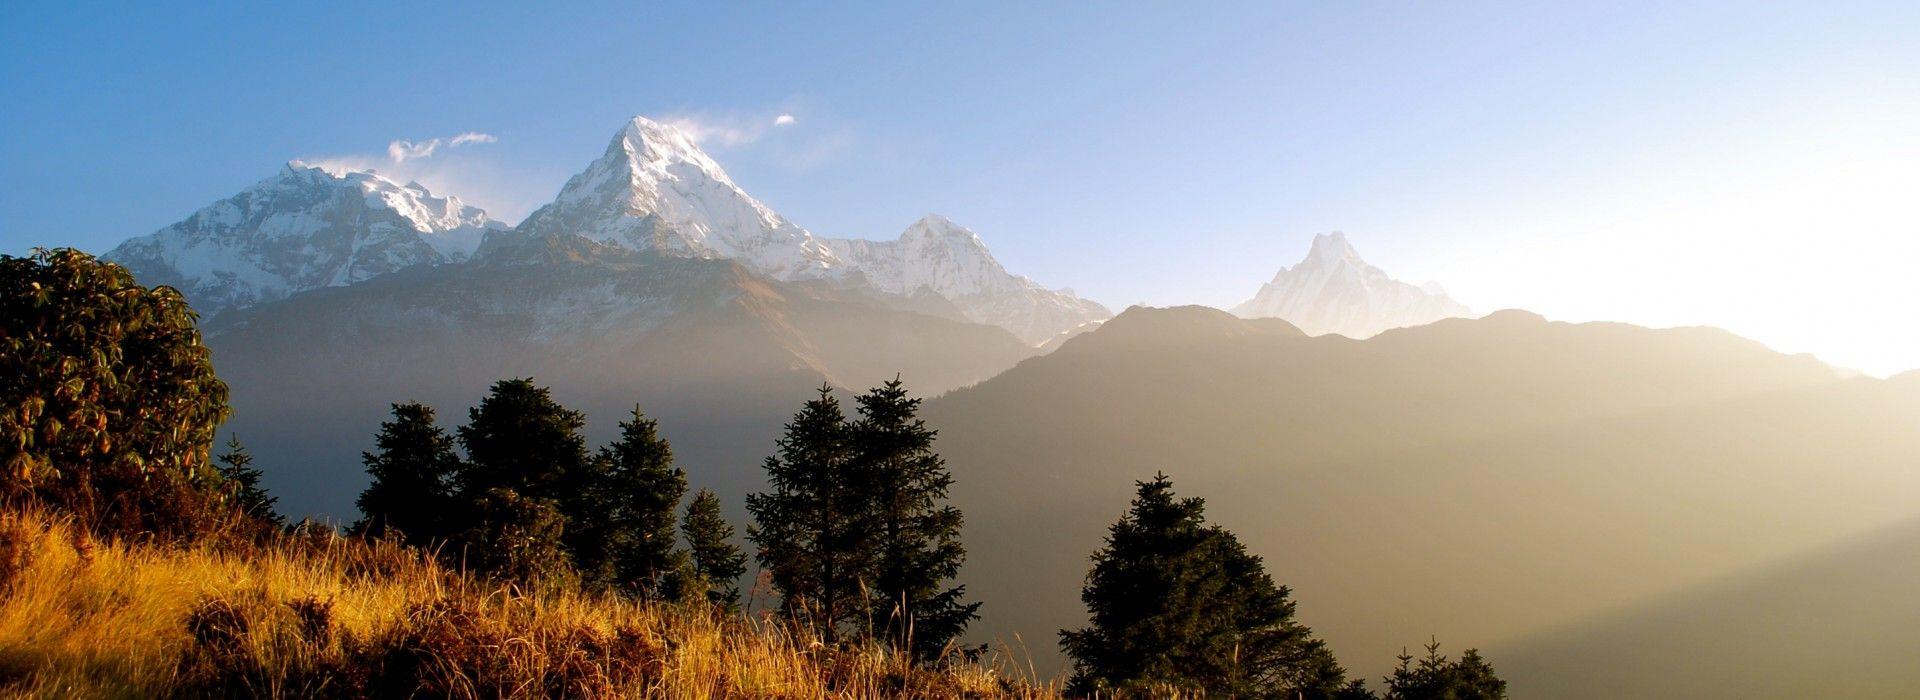 Mountains Tours in Asia